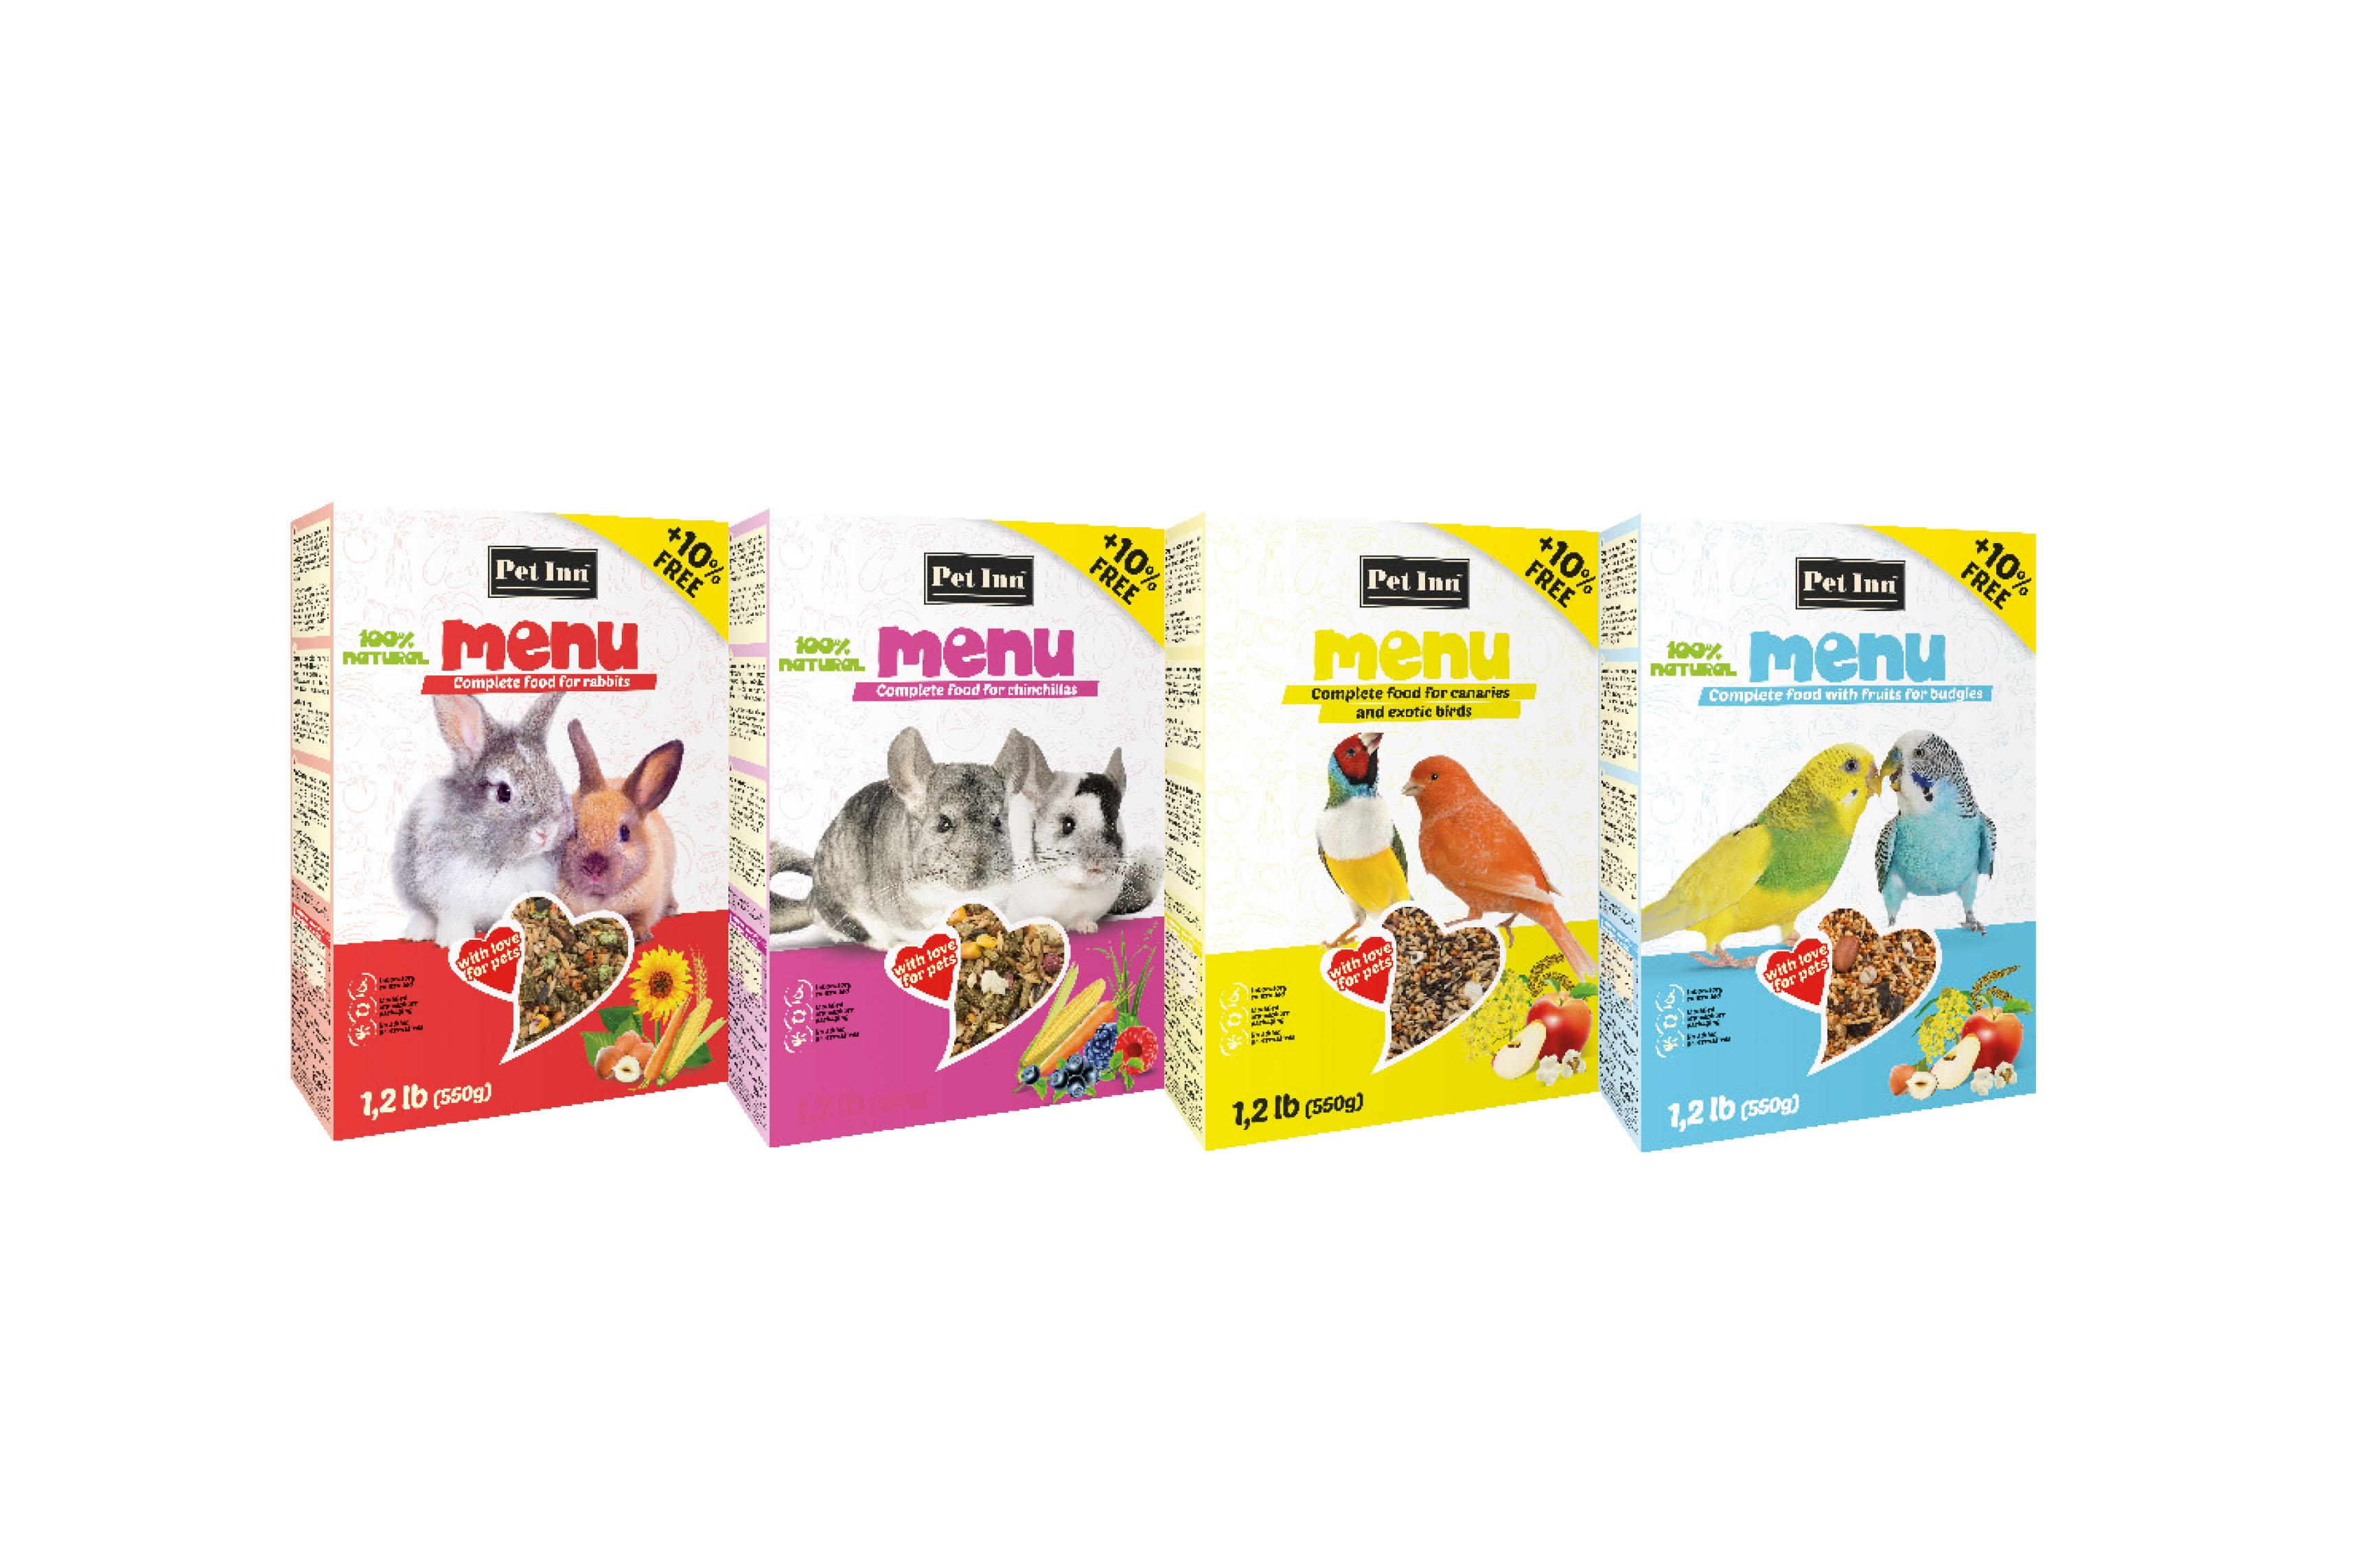 Pokarmy ikolby dla królików, gryzoni iptaków ozdobnych teraz wofercie PET INN!